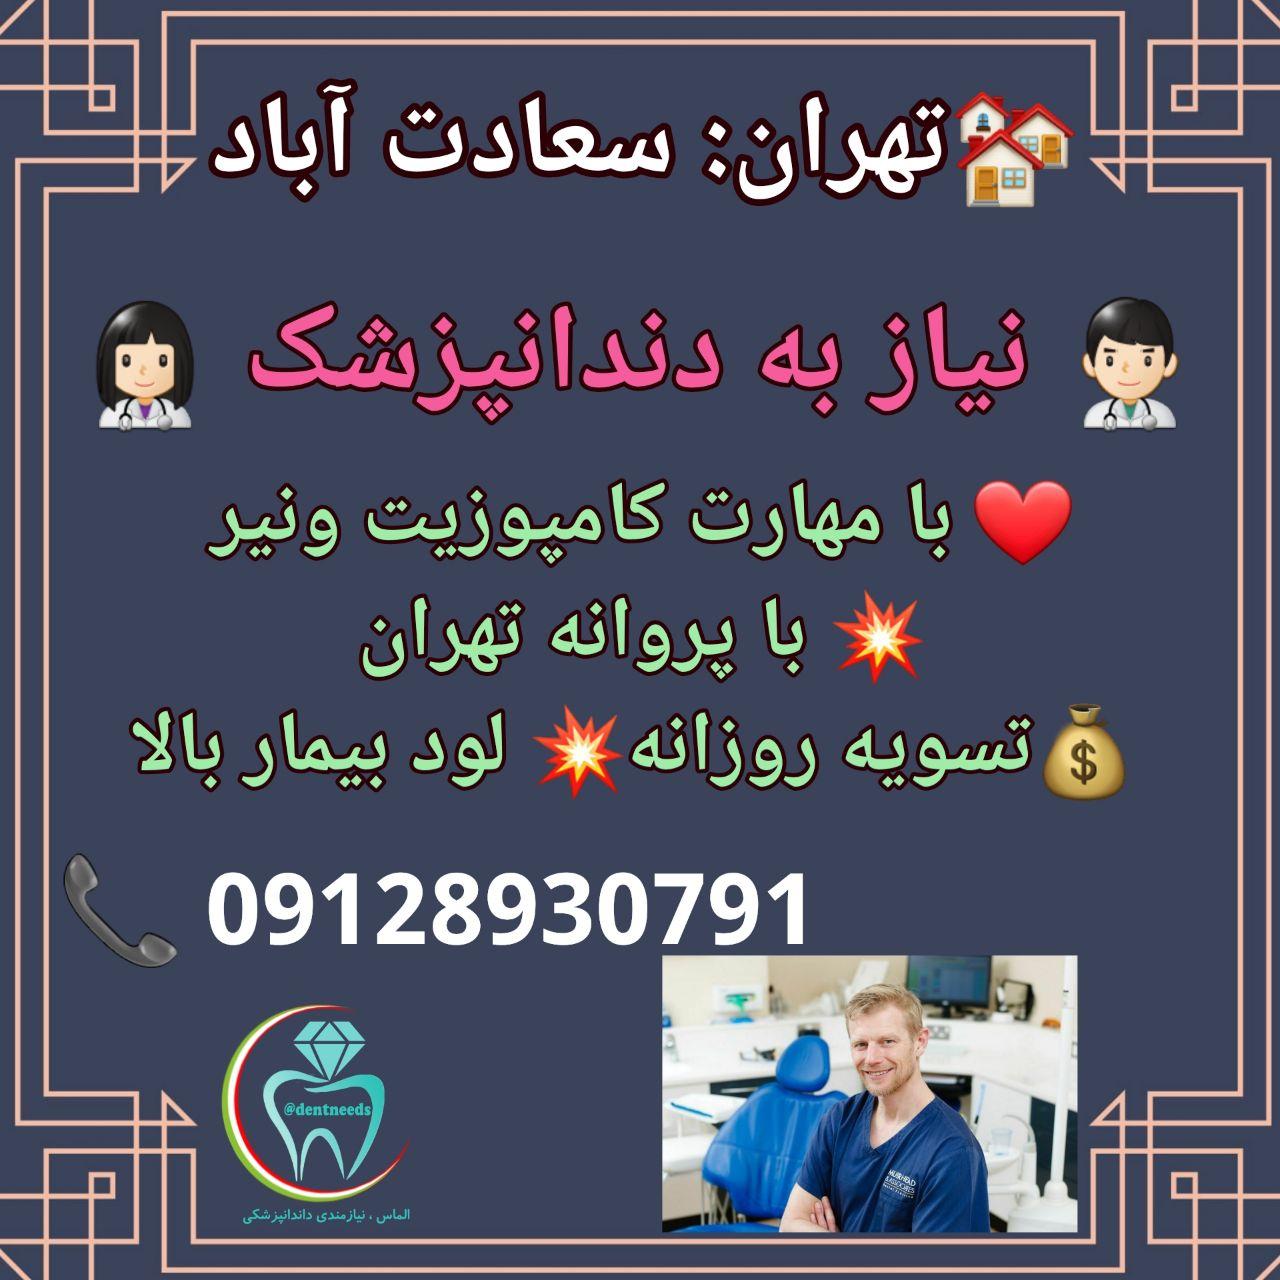 تهران، دعوت به همکاری از، متخصص دندانپزشکی کودکان و دندانپزشک عمومی